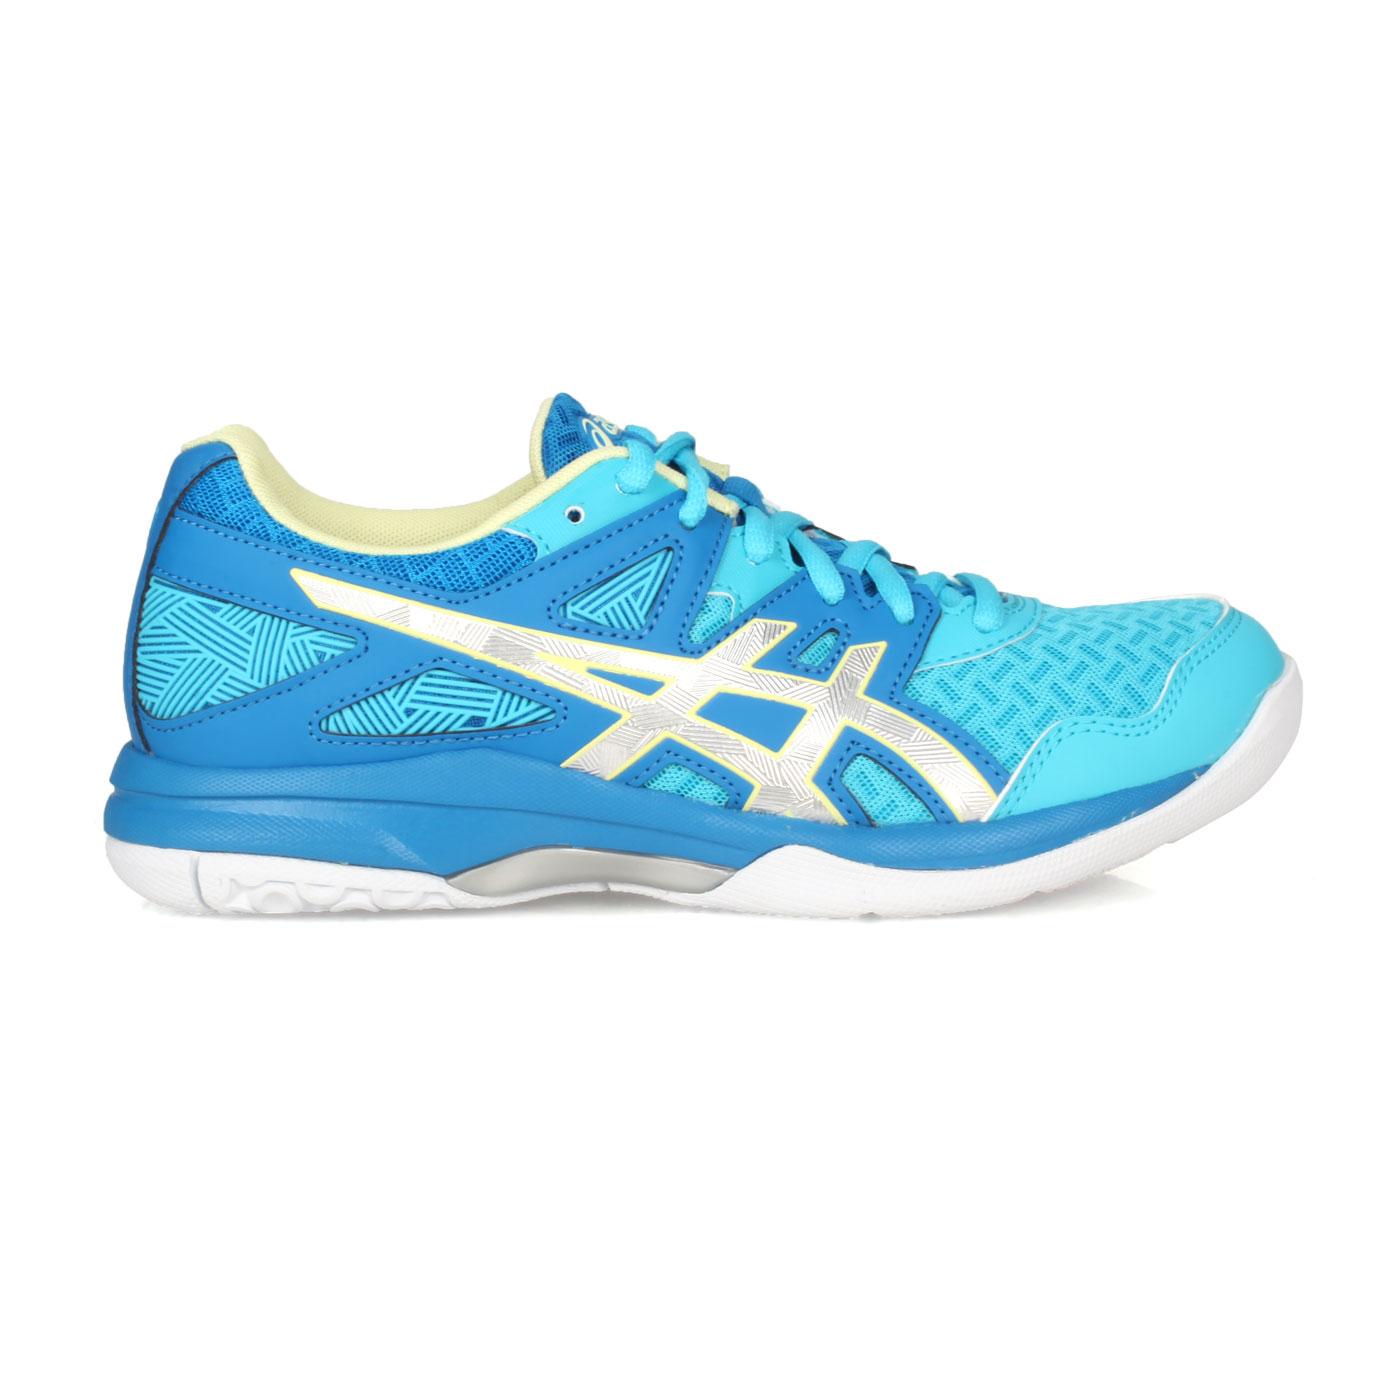 ASICS 女款排羽球鞋  @GEL-TASK 2@1072A038-401 - 藍銀淺綠